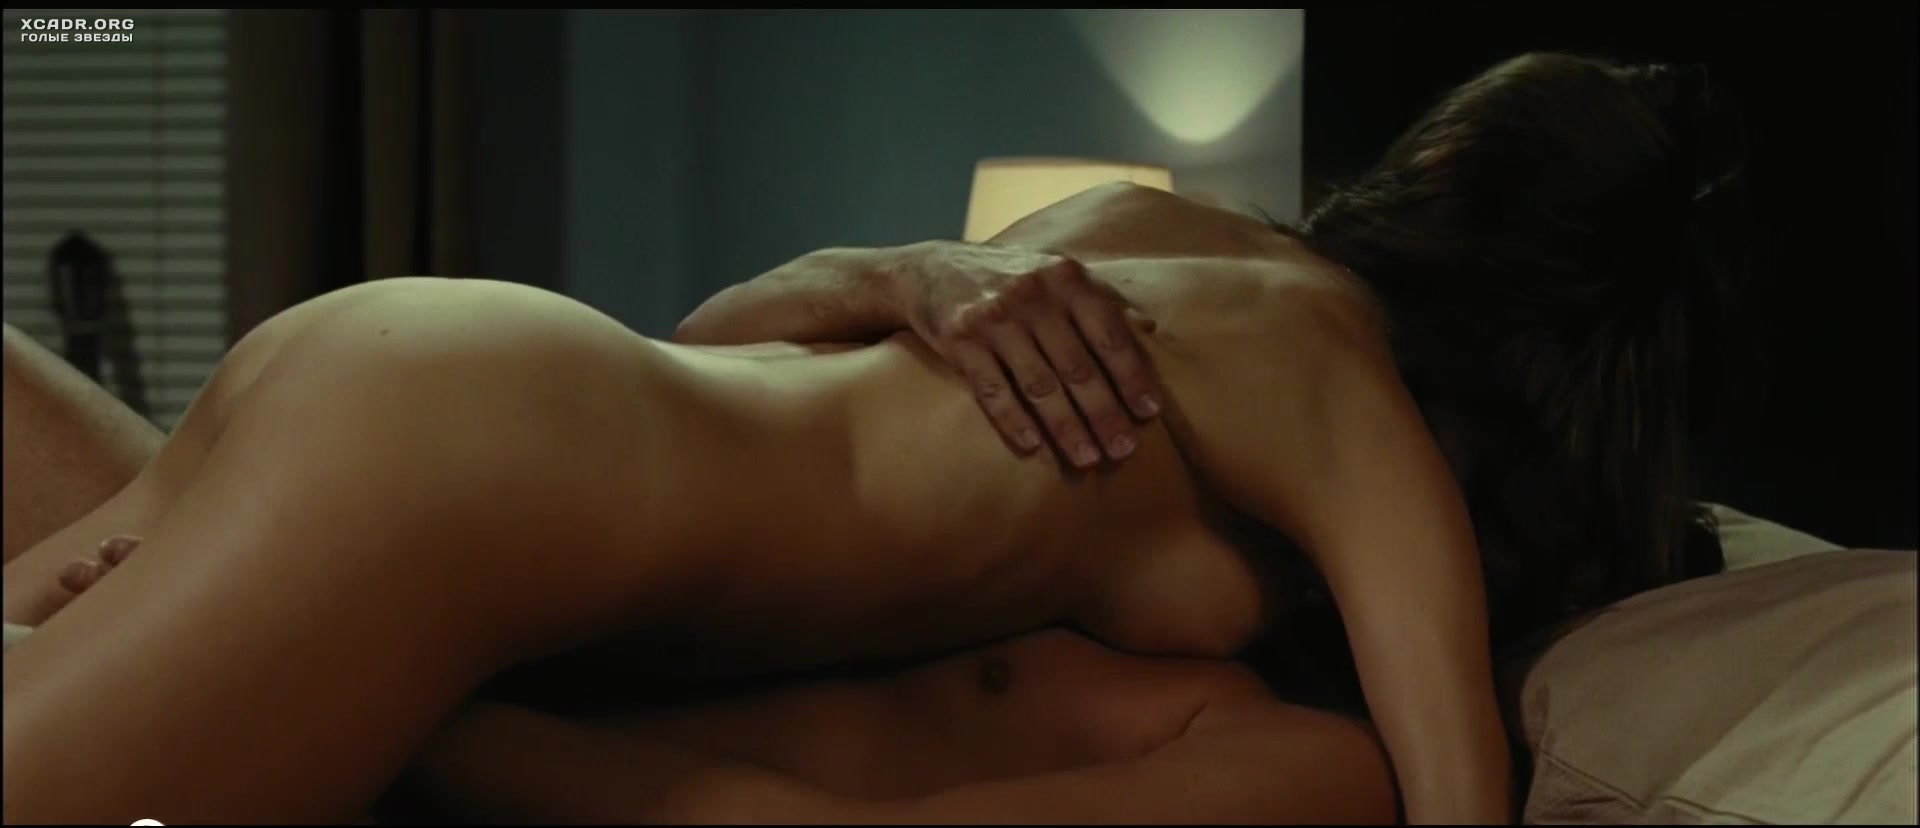 ким кардашьян википедия порно